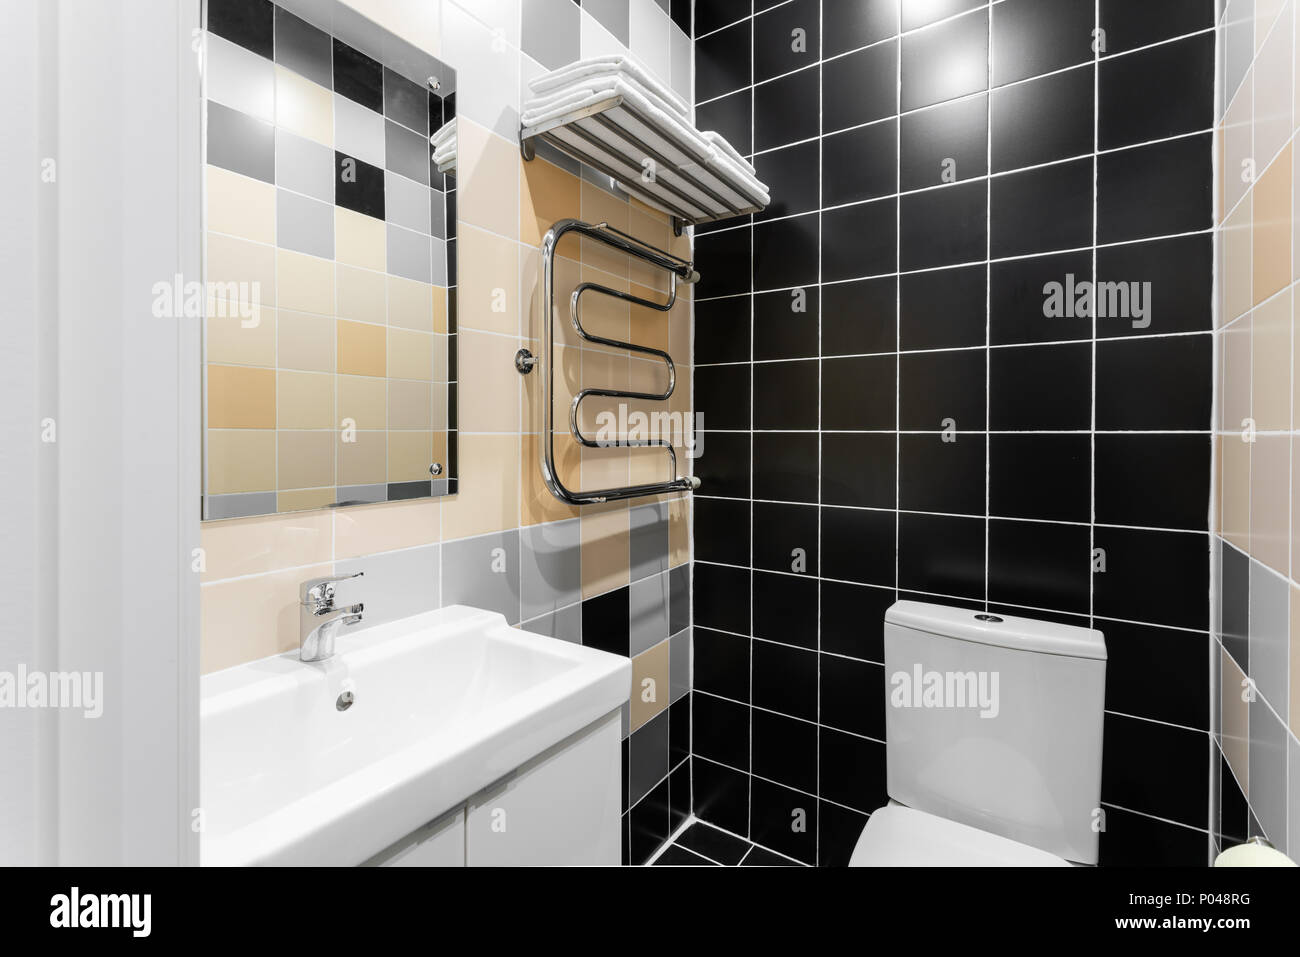 Cuarto de baño con ducha, inodoro y lavabo. Hotel habitaciones ...